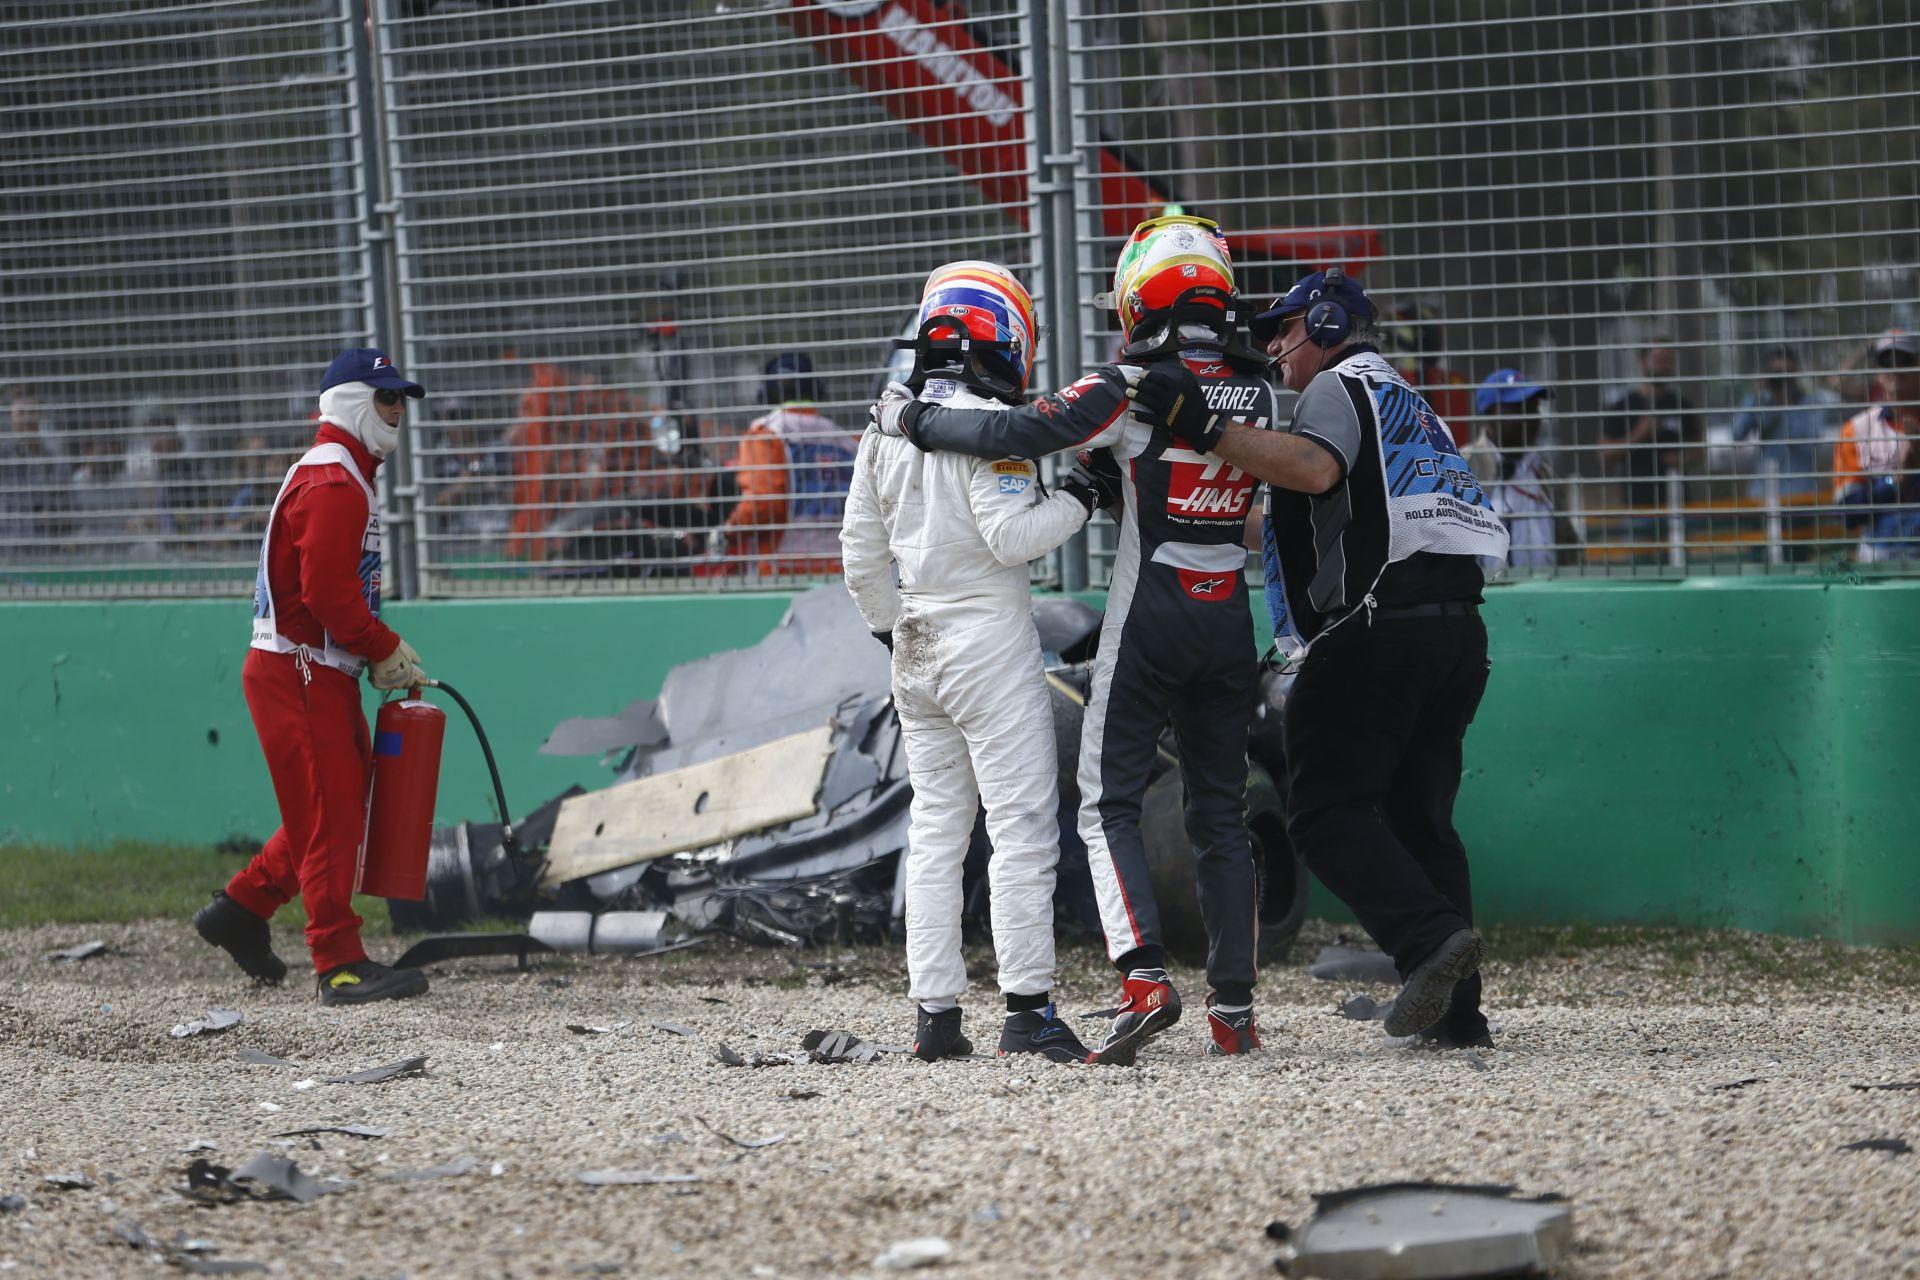 Alonso és Gutierrez balesete szuperlassításban! Minden részletet megfigyelhetünk!